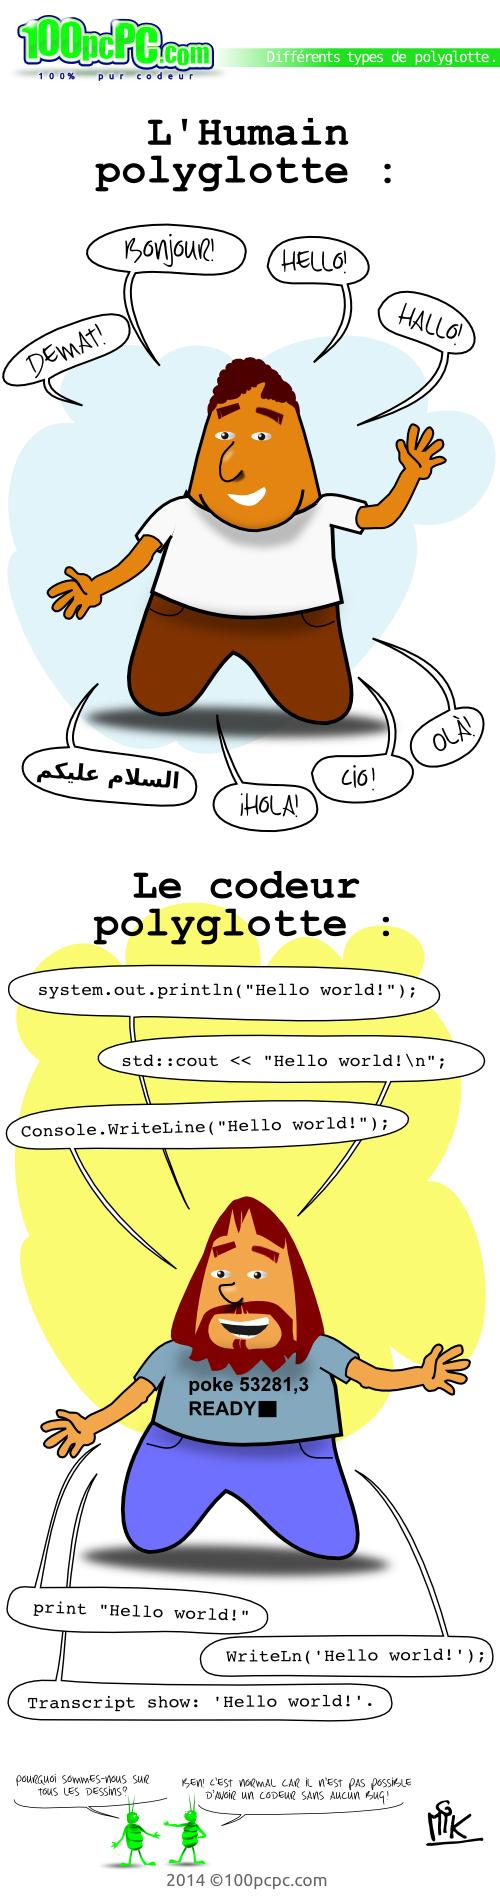 codeur polyglotte